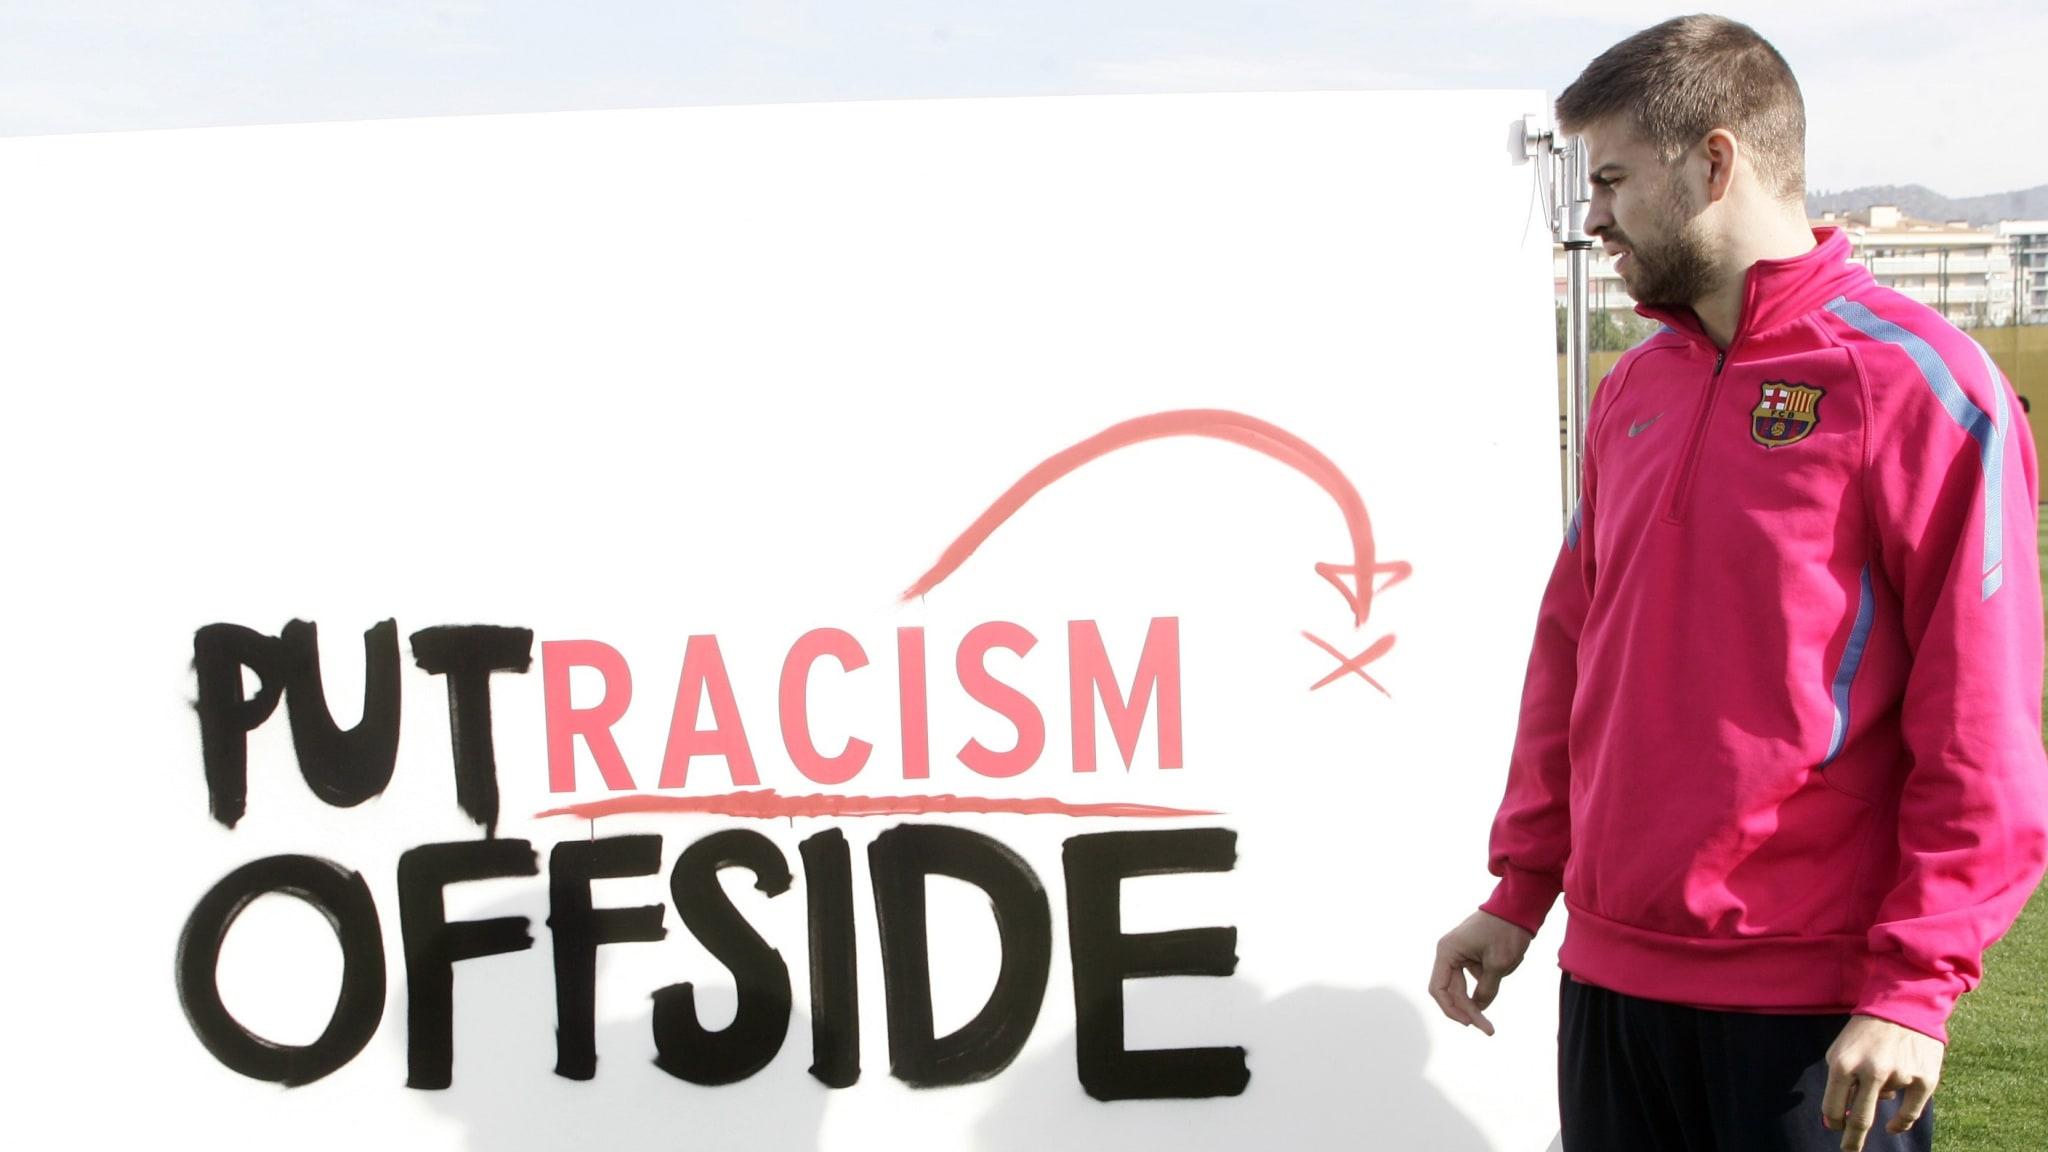 """El jugador del FC Barcelona Gerard Pique participa en la campaña de la UNESCO """"Deja al racismo fuera de juego""""."""